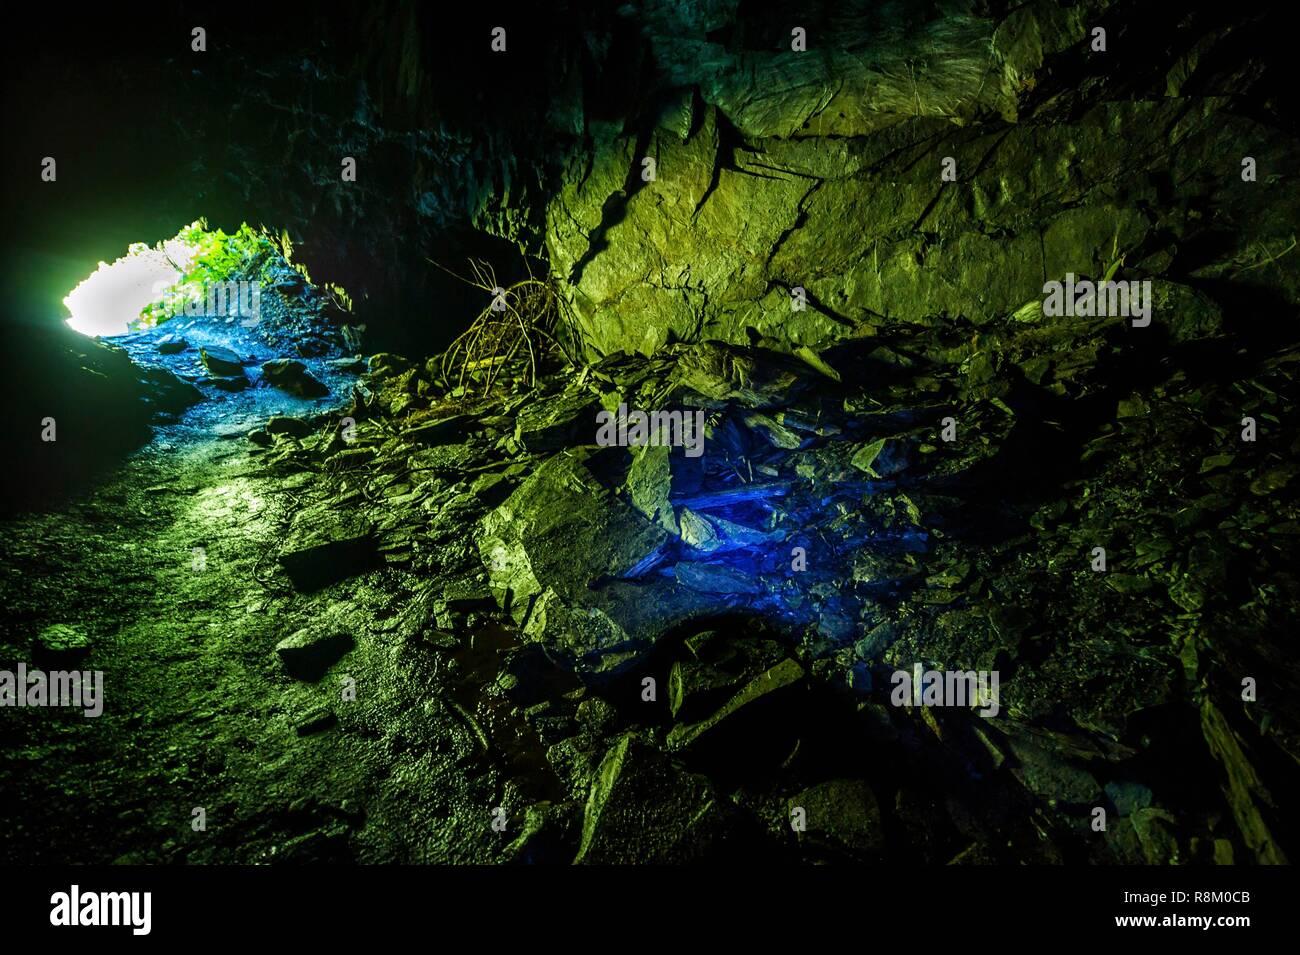 Suiza, Valais, Val Ferret, Tour du Mont Blanc, entre la Fouly y Champex, Les Essarts, antigua mina de hierro, azufre y plomo Imagen De Stock